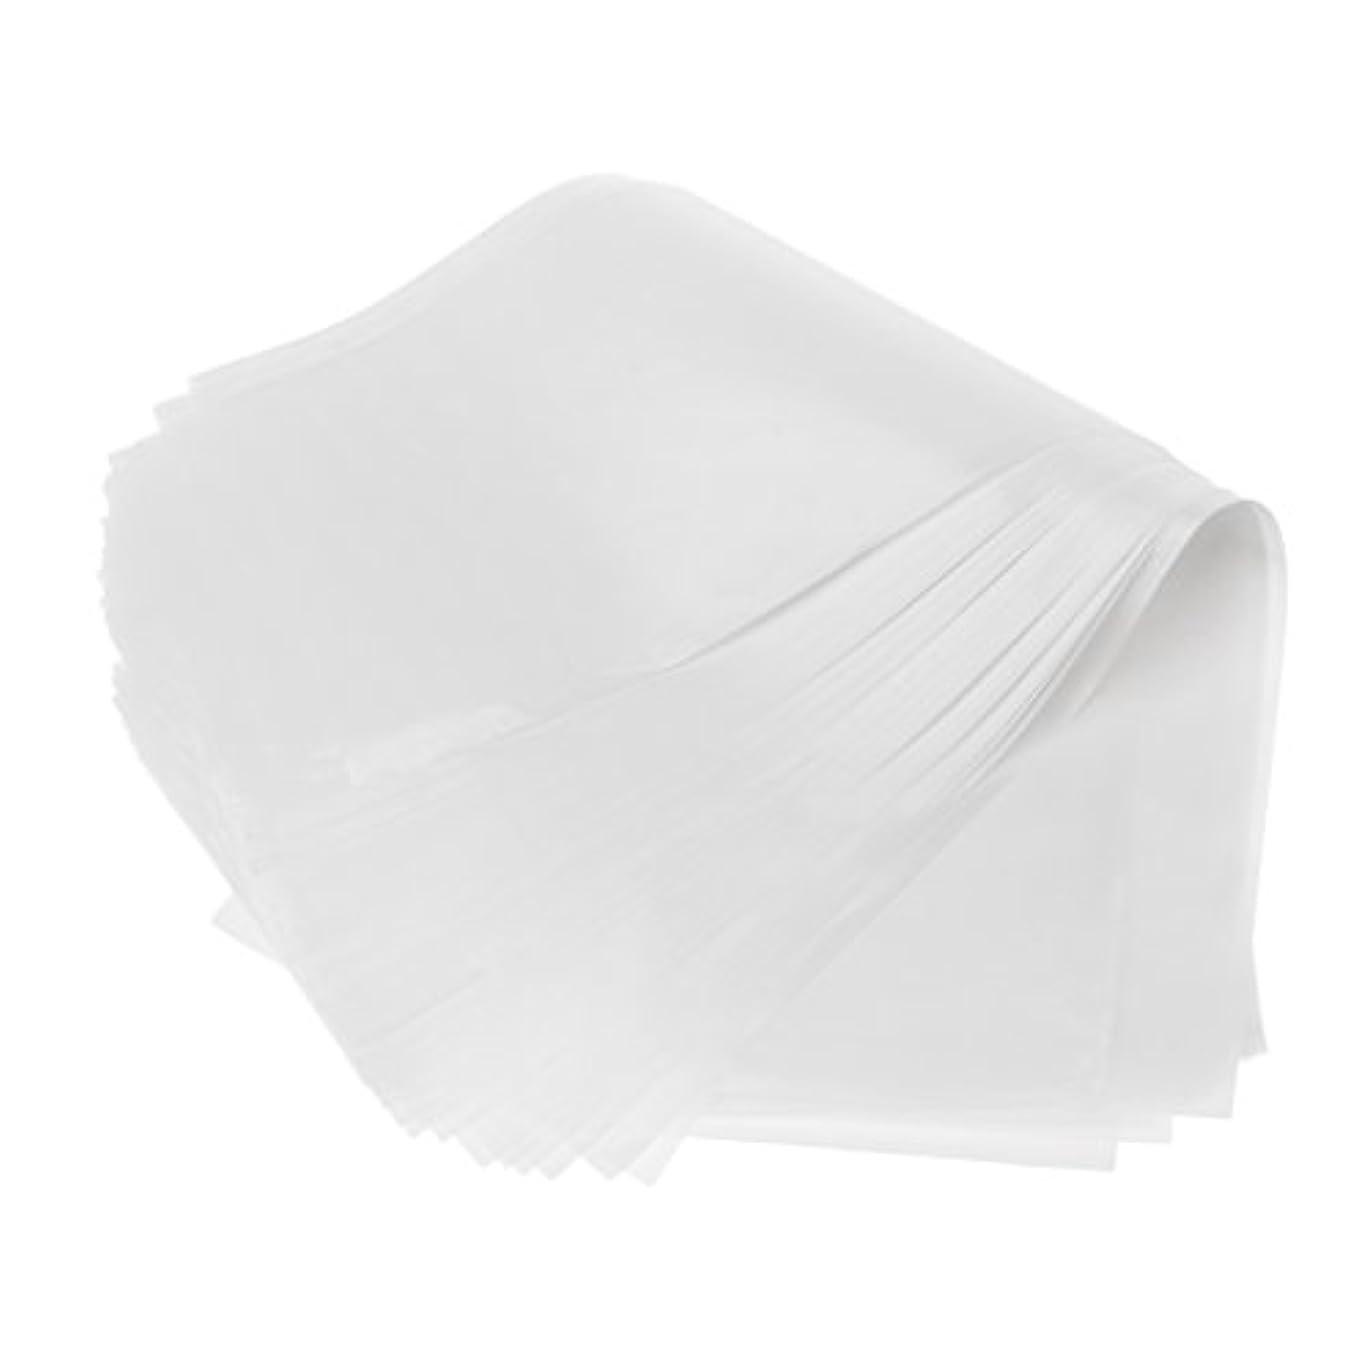 早熟周術期篭毛染め ハイライトシート 分版用紙 毛染め紙 髪分け プラスチック製 ヘアケア 2タイプ選べ - ホワイト